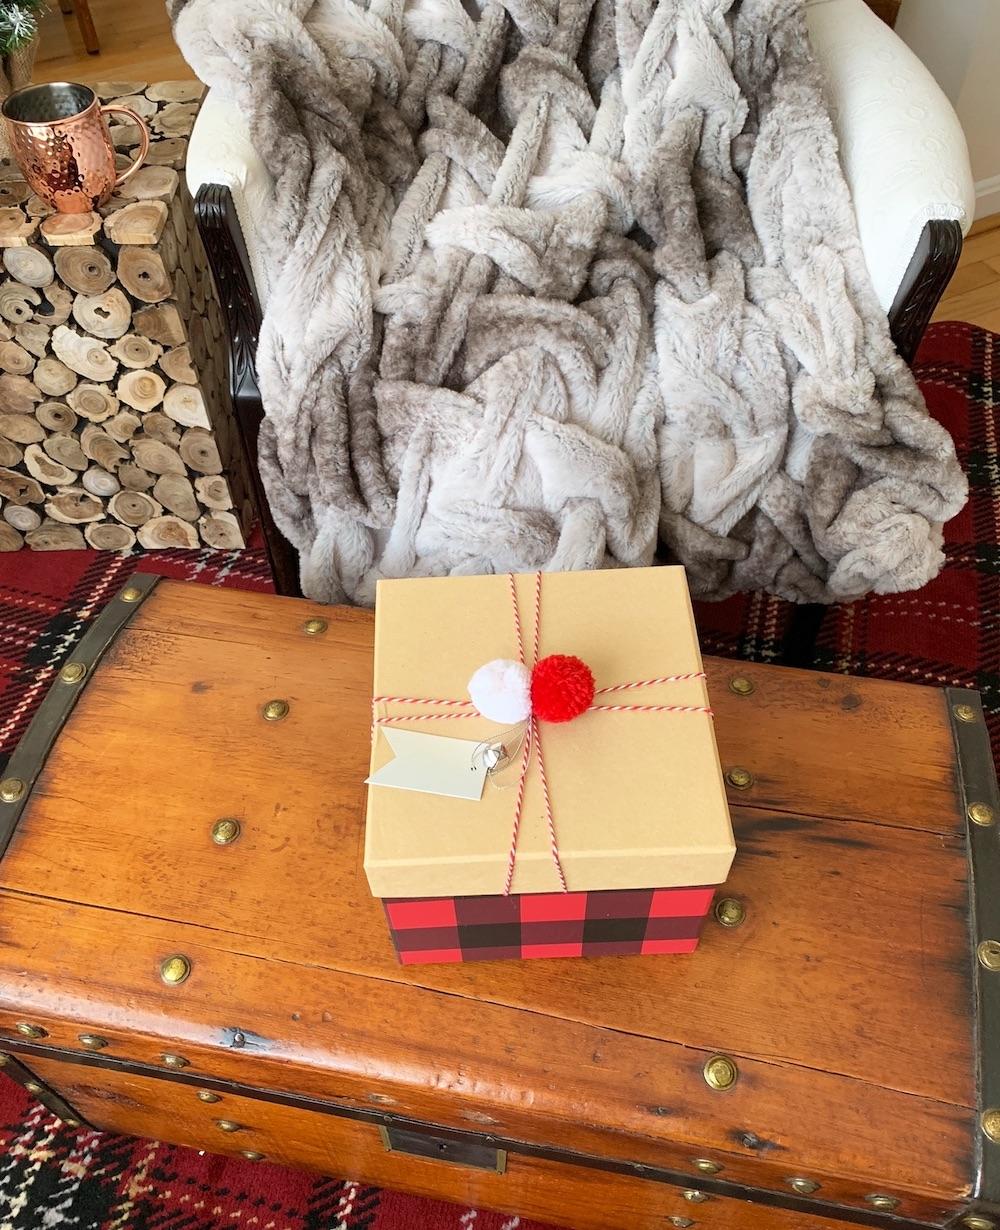 Cozy Home for the Holidays #Decor #ChristmasDecor #RusticChristmas #RusticChristmasDecor #Christmas ChristmasCabin #ChristmasLodge #ChristmasAccents #HolidayDecor